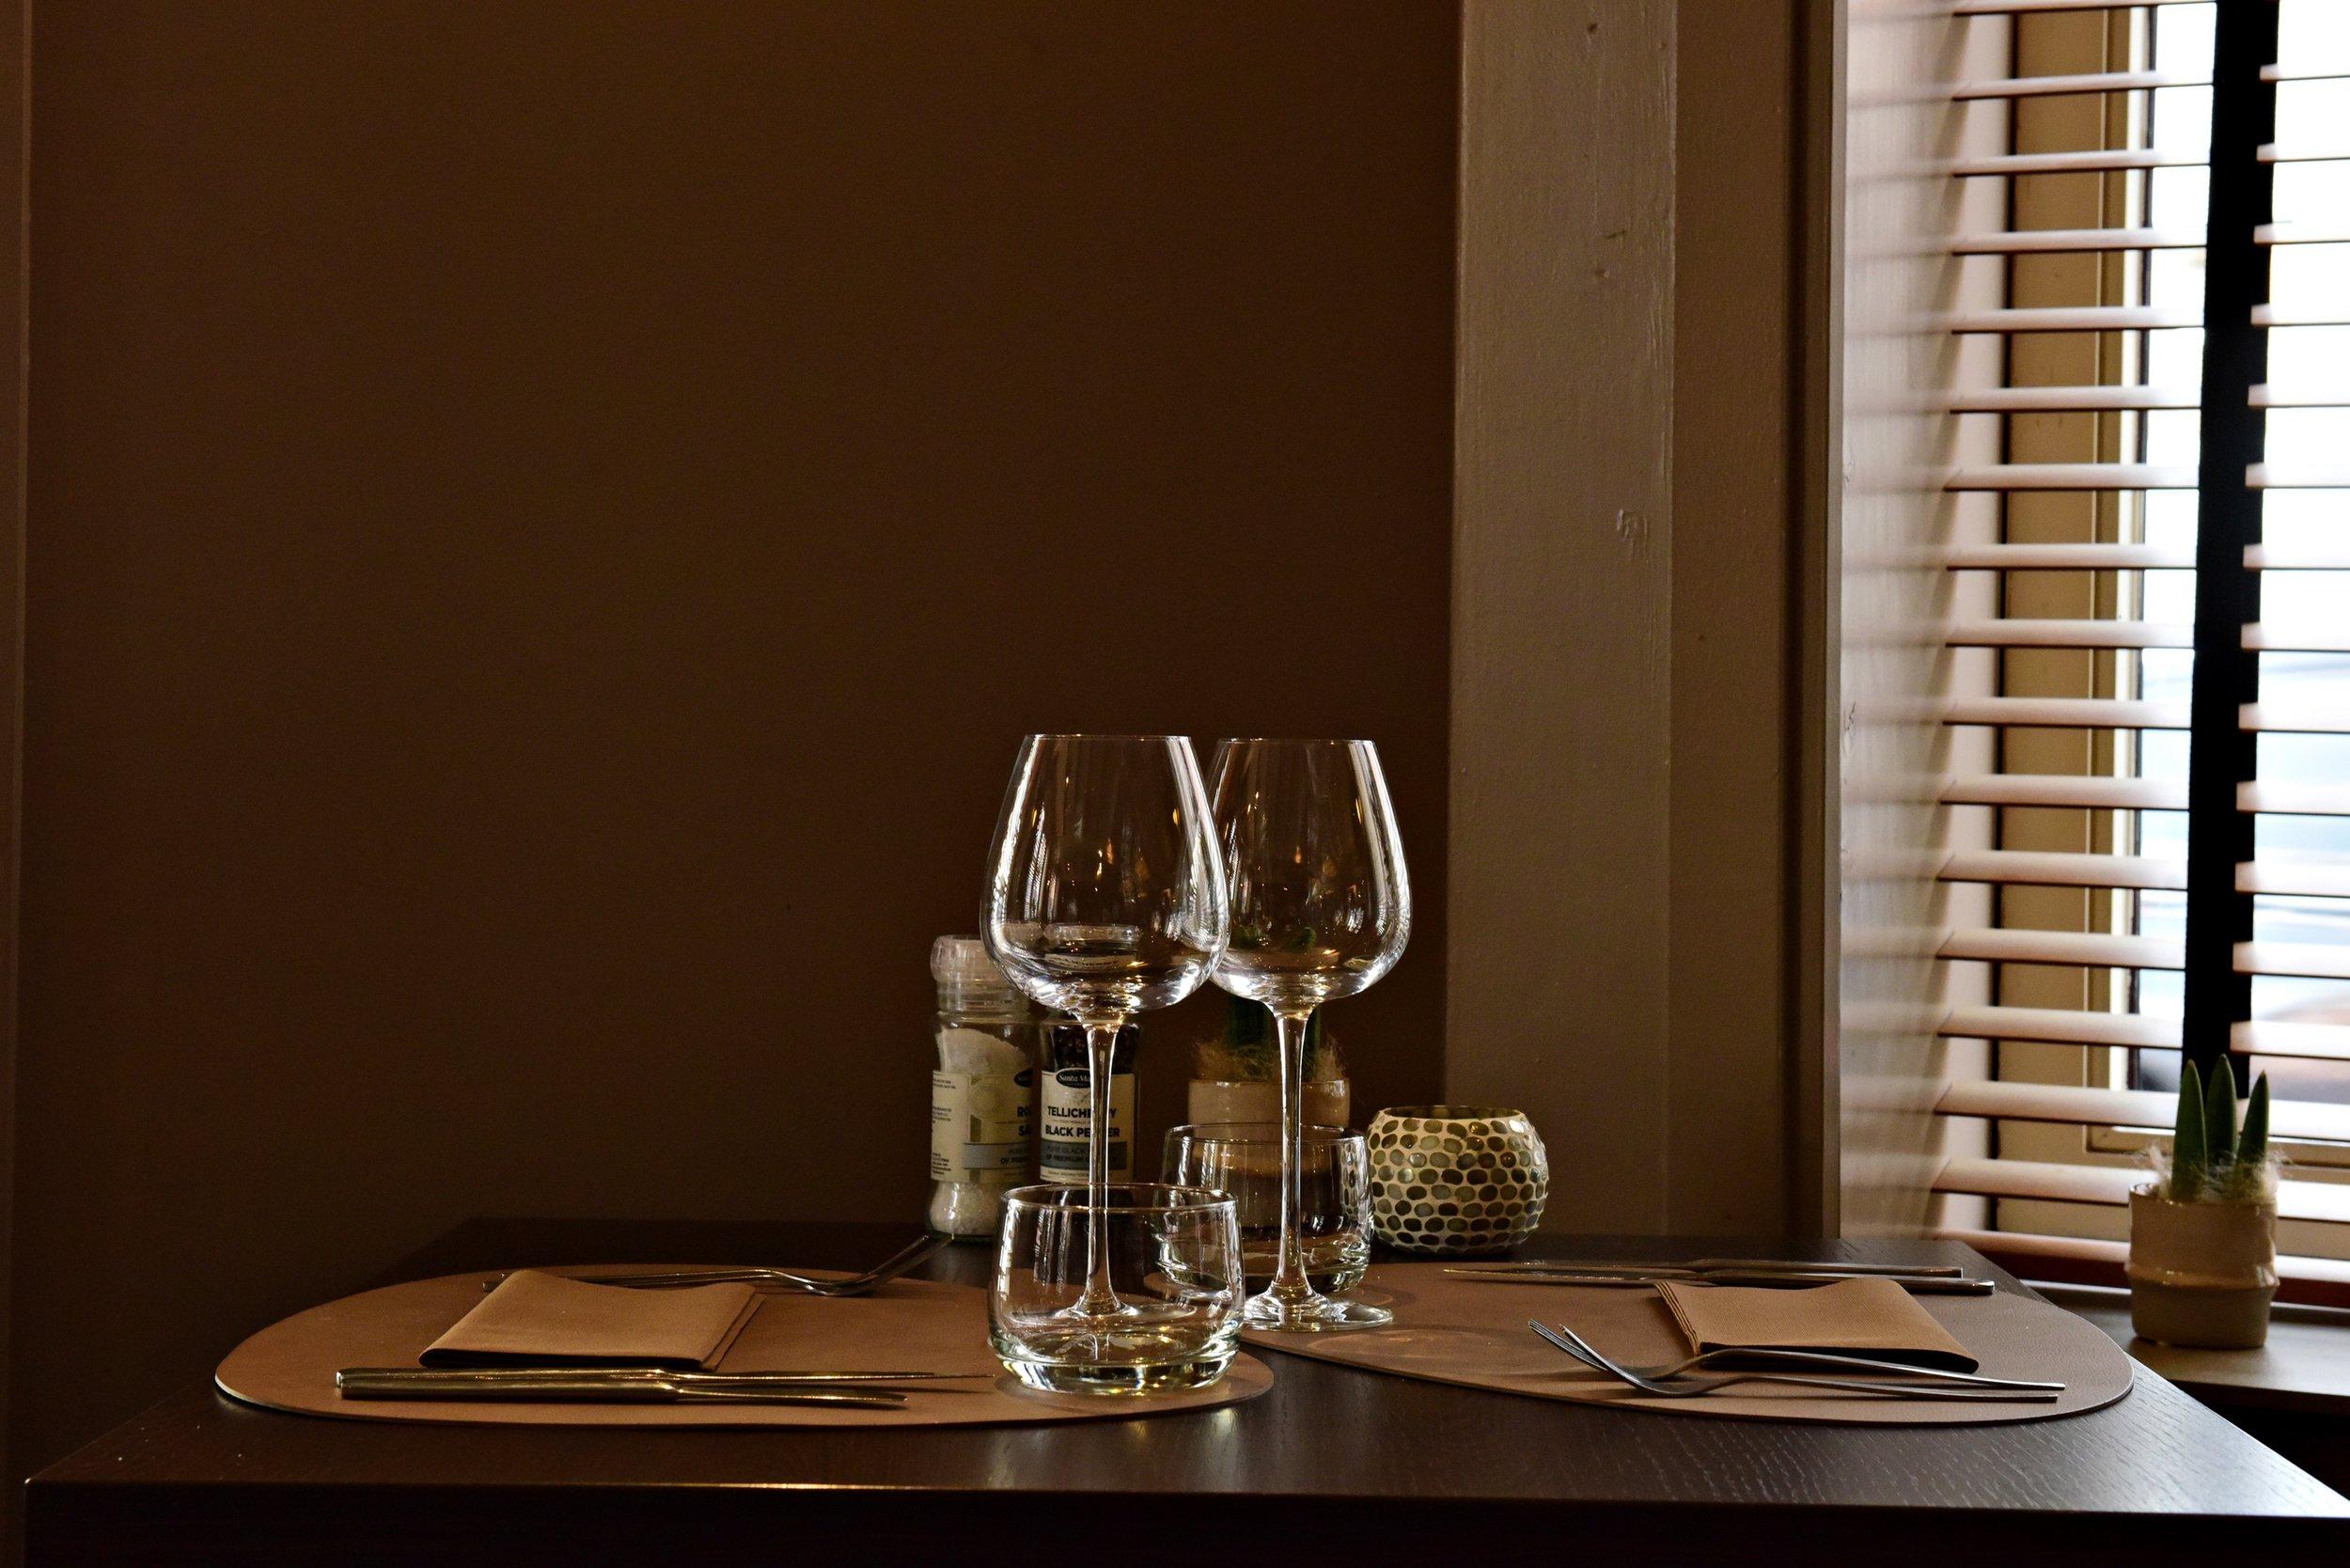 bistro restaurant andre geraardsbergen beste bart albrecht fotograaf tablefever09.jpg